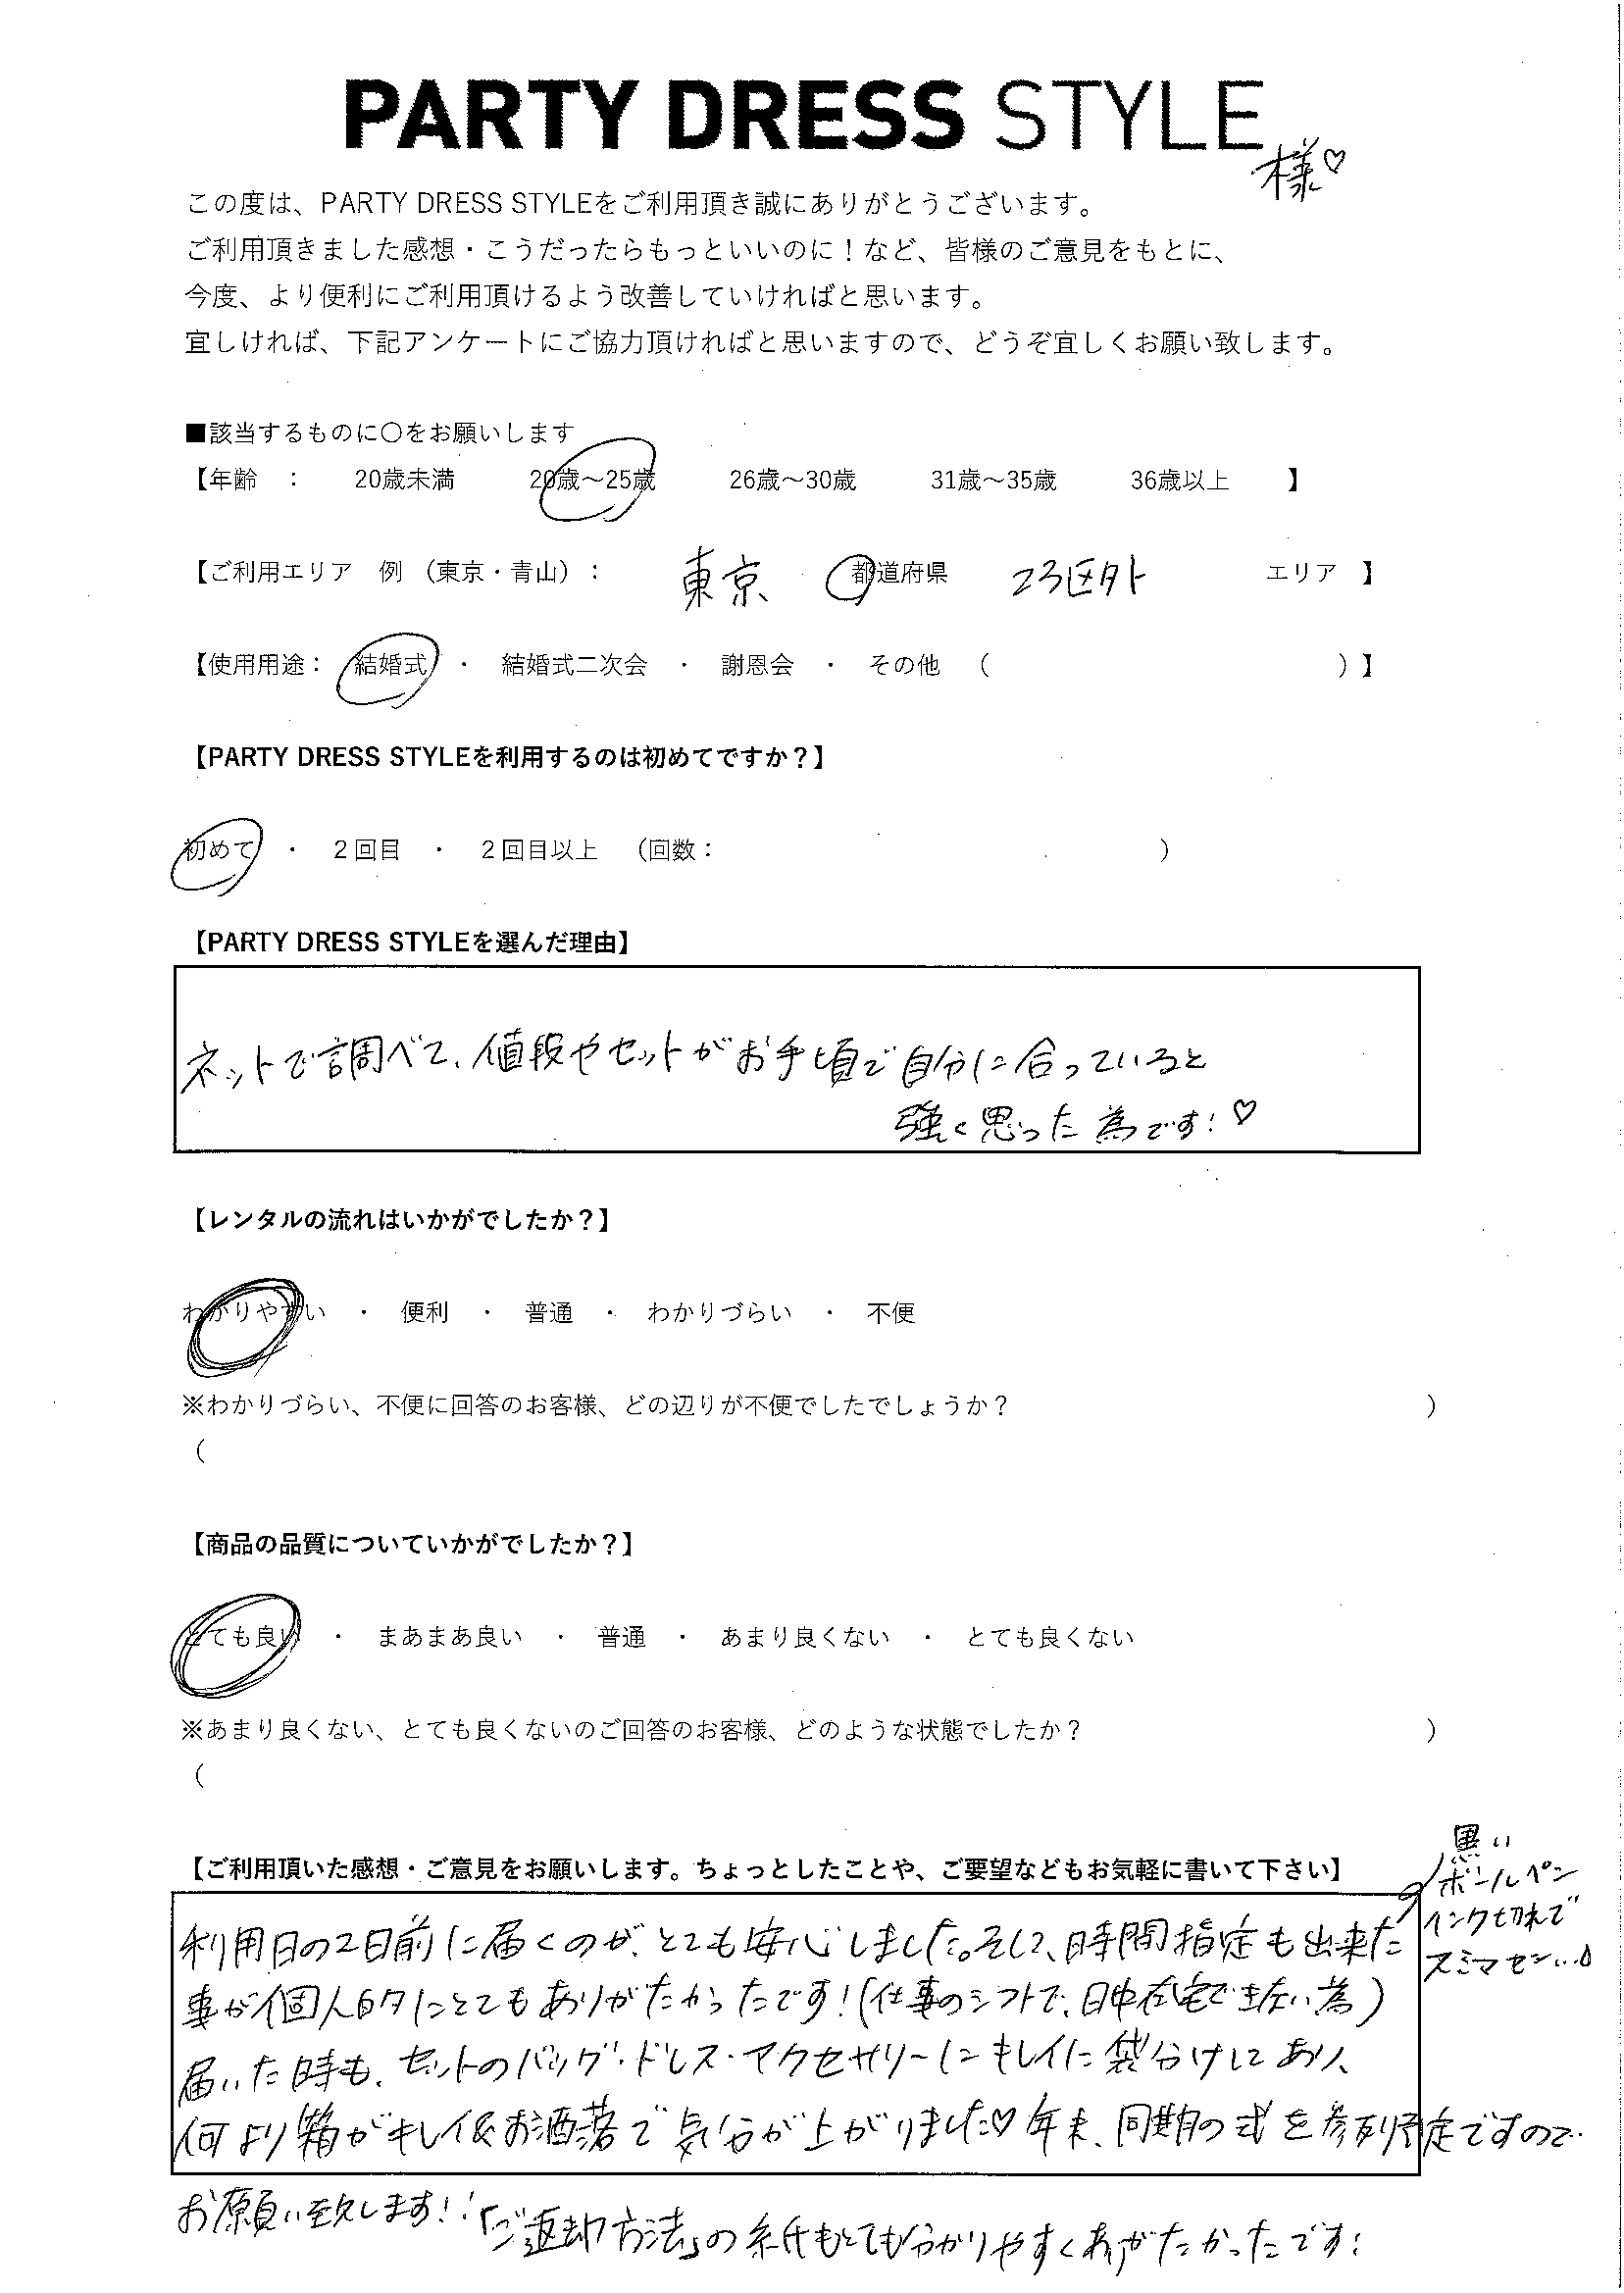 1/27 結婚式 東京・23区外エリア